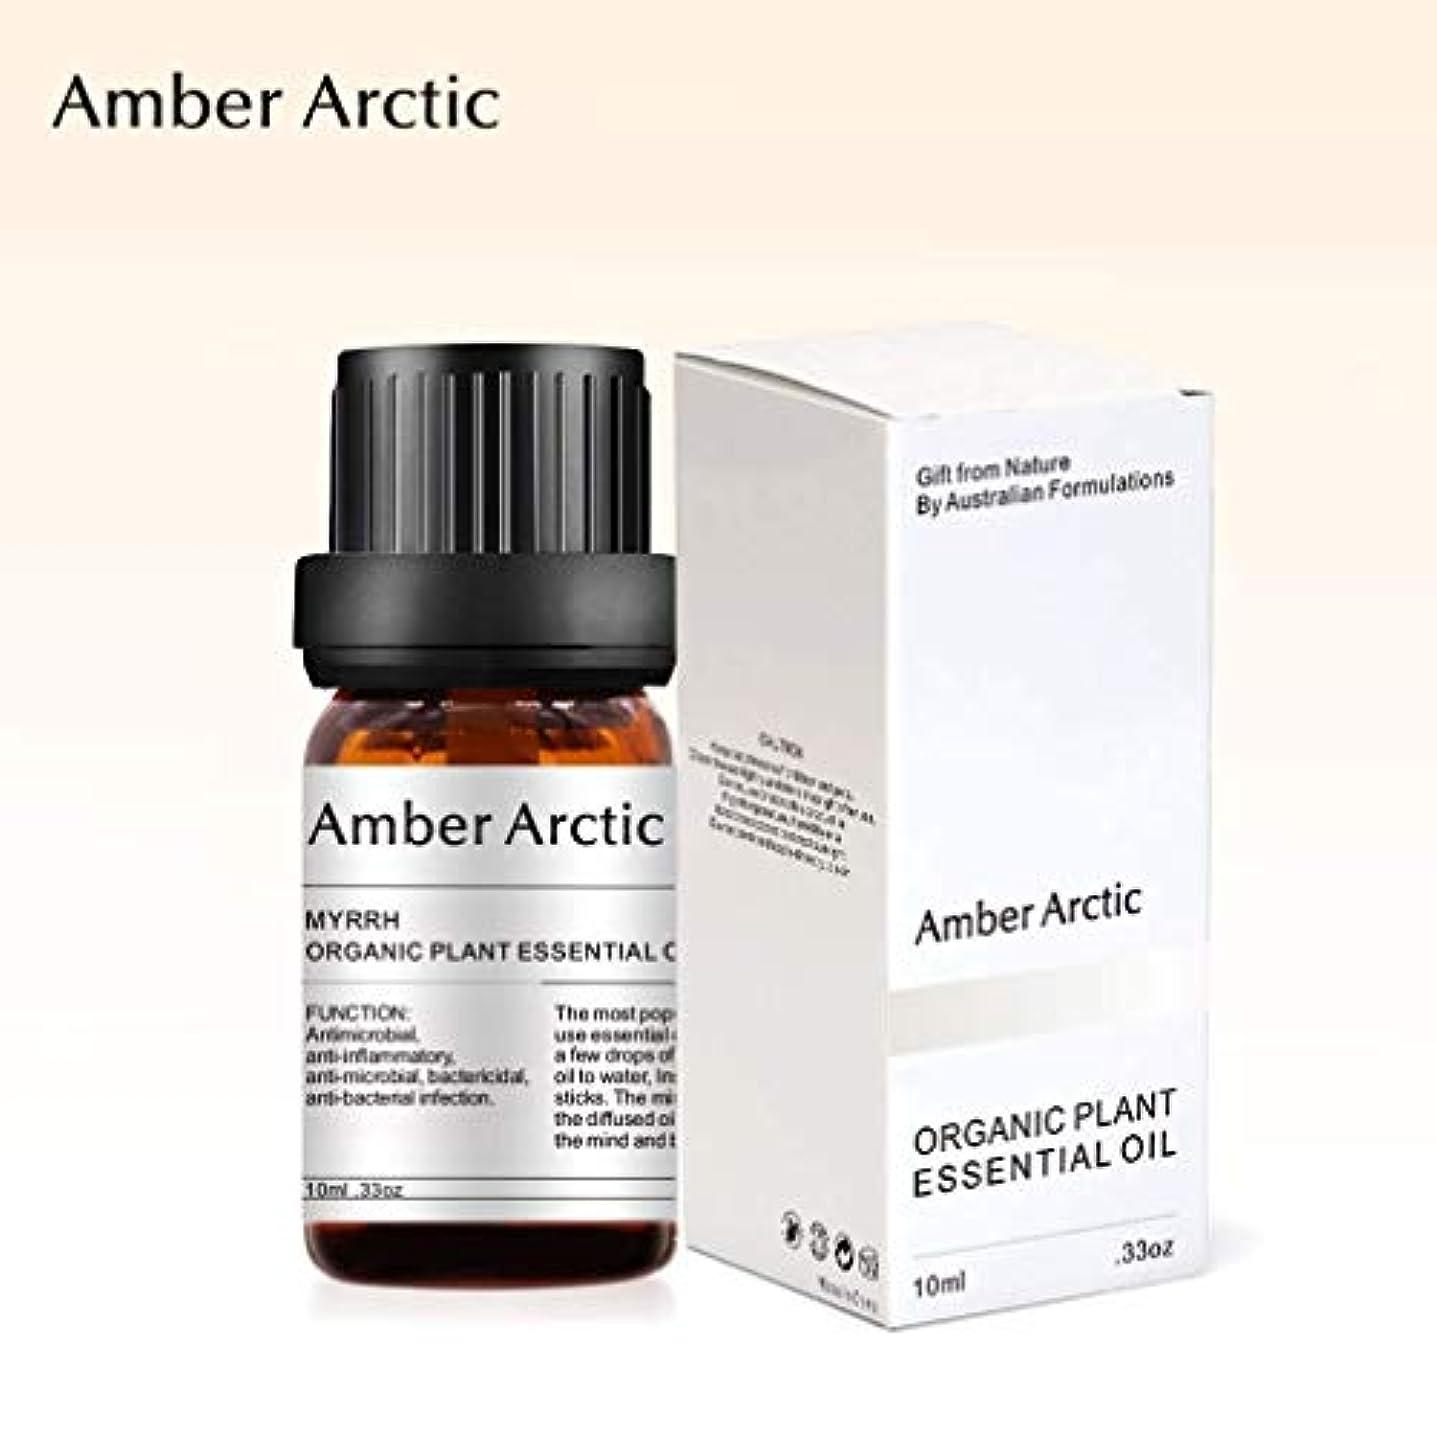 プロポーショナル豪華なAmber Arctic ミルラ エッセンシャル オイル、 100% 純粋 天然 アロマ ディフューザー 用 エッセンシャル オイル (10ml) 中